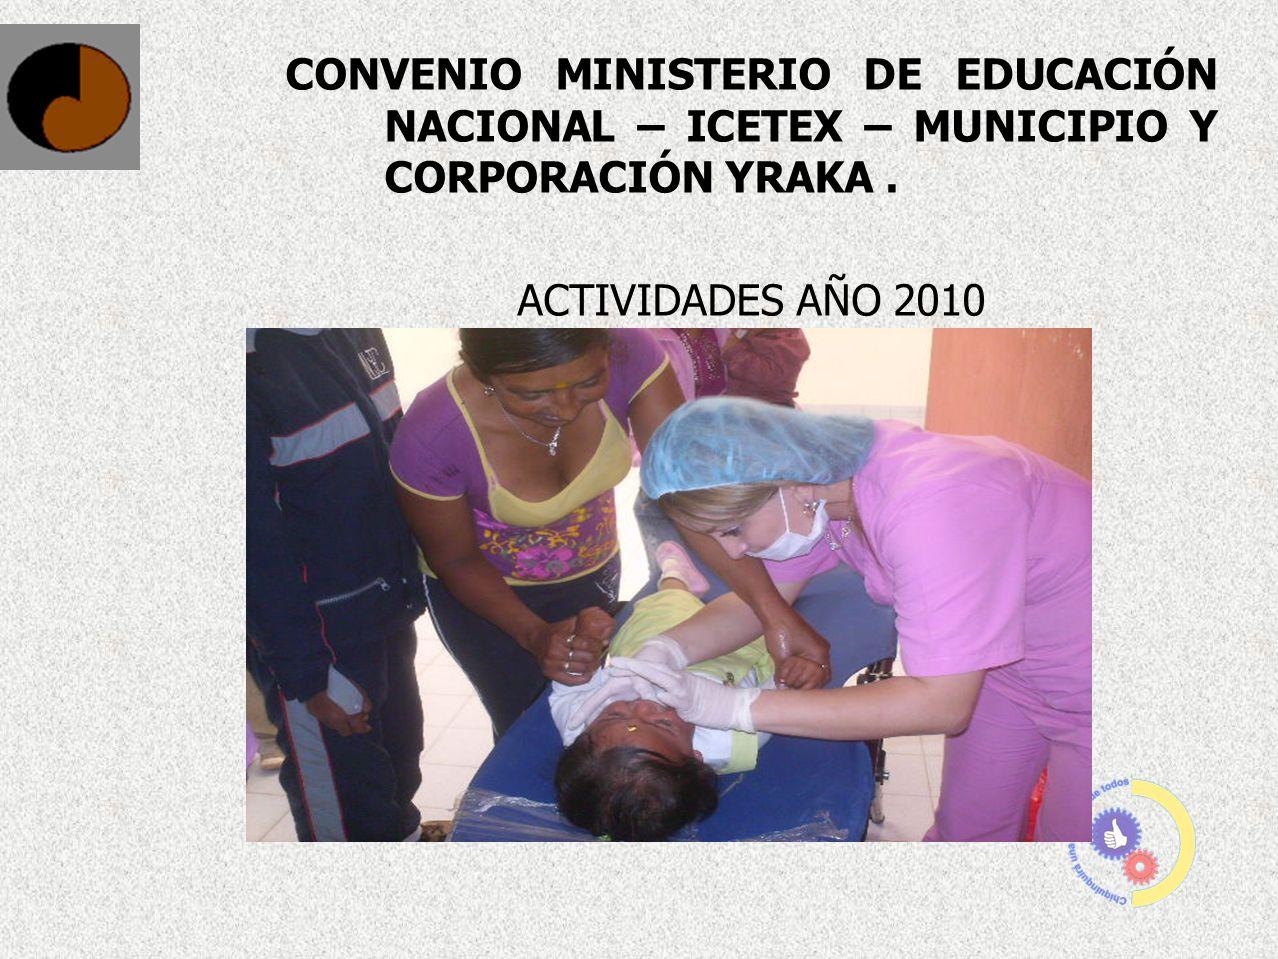 CONVENIO MINISTERIO DE EDUCACIÓN NACIONAL – ICETEX – MUNICIPIO Y CORPORACIÓN YRAKA .